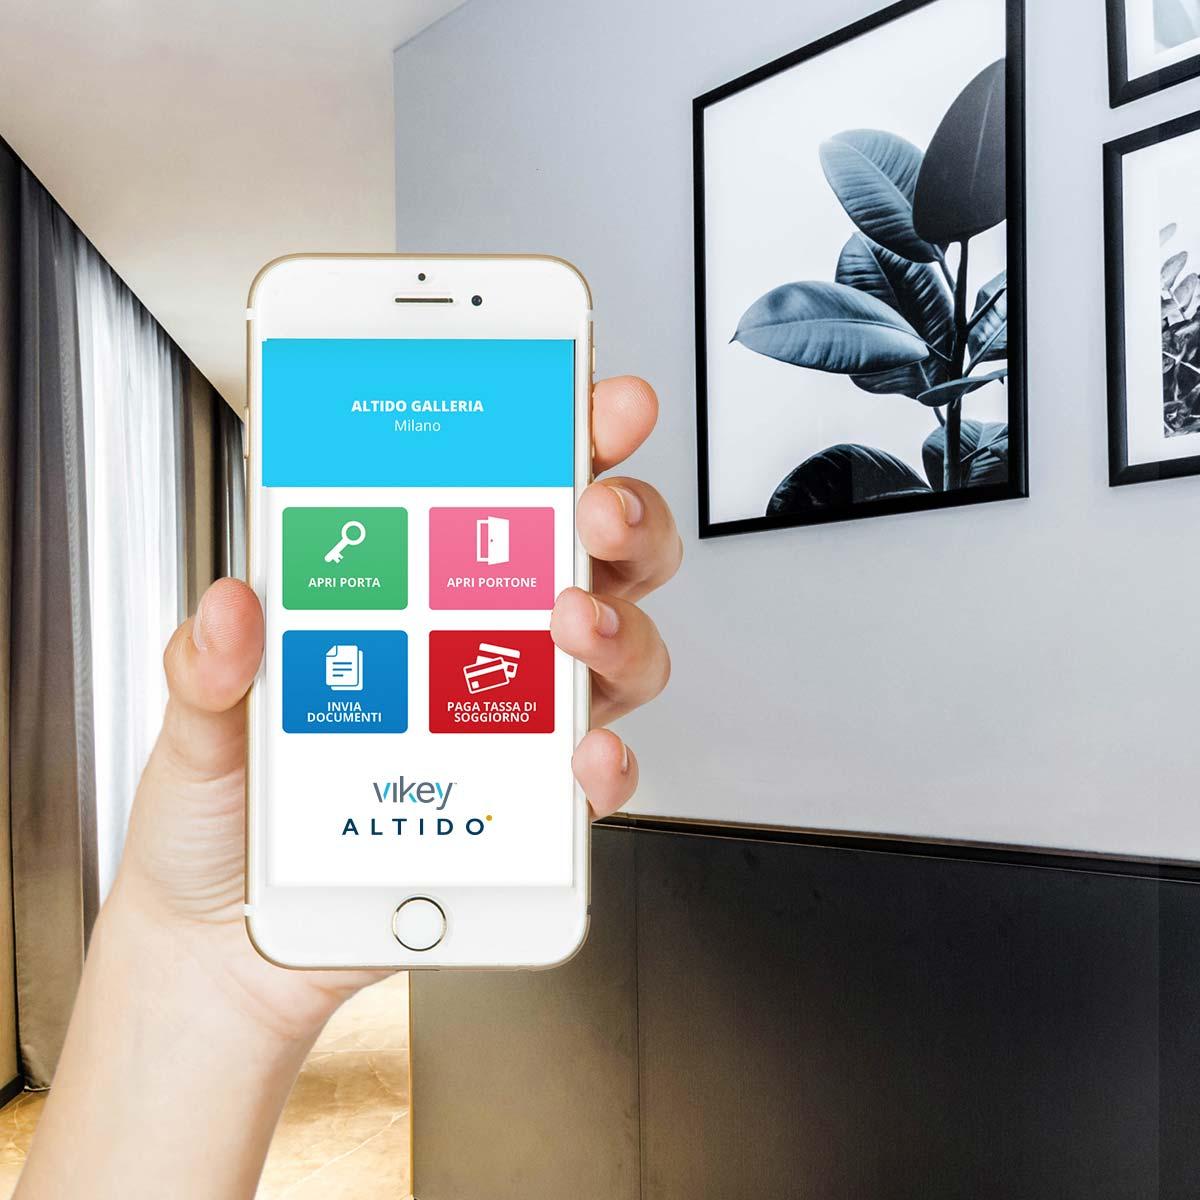 App, Altido Galleria